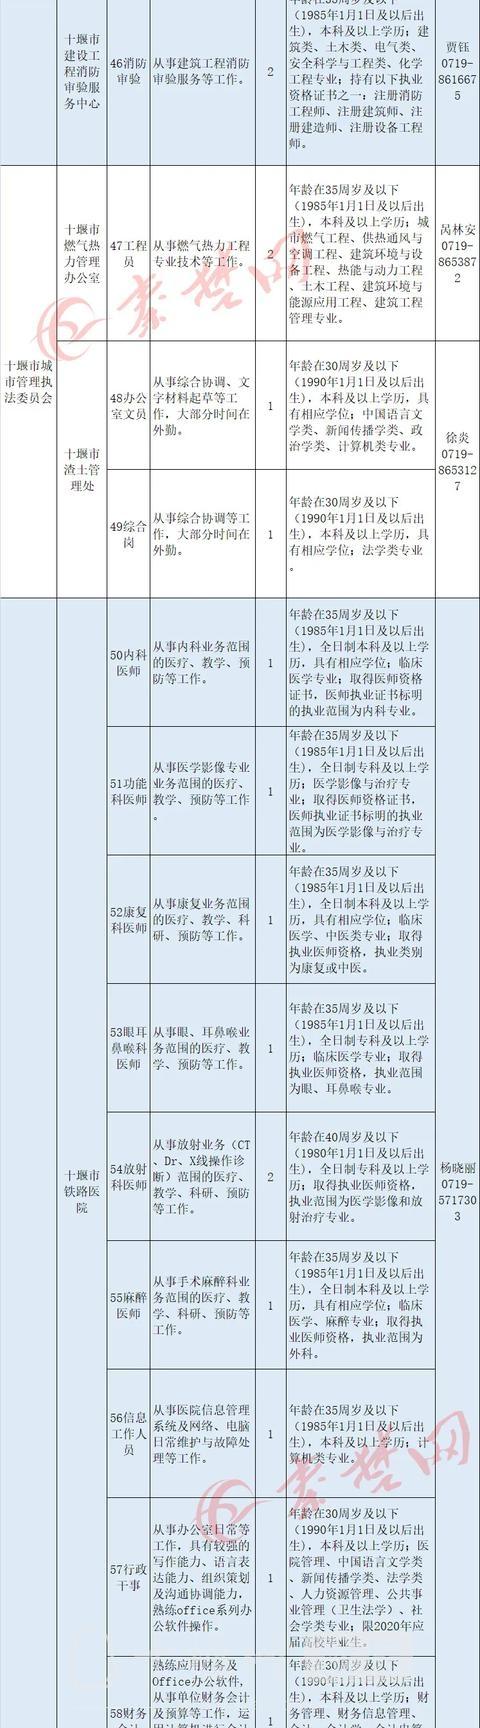 十堰启动事业单位大规模招聘,最全岗位表来了-5.jpg